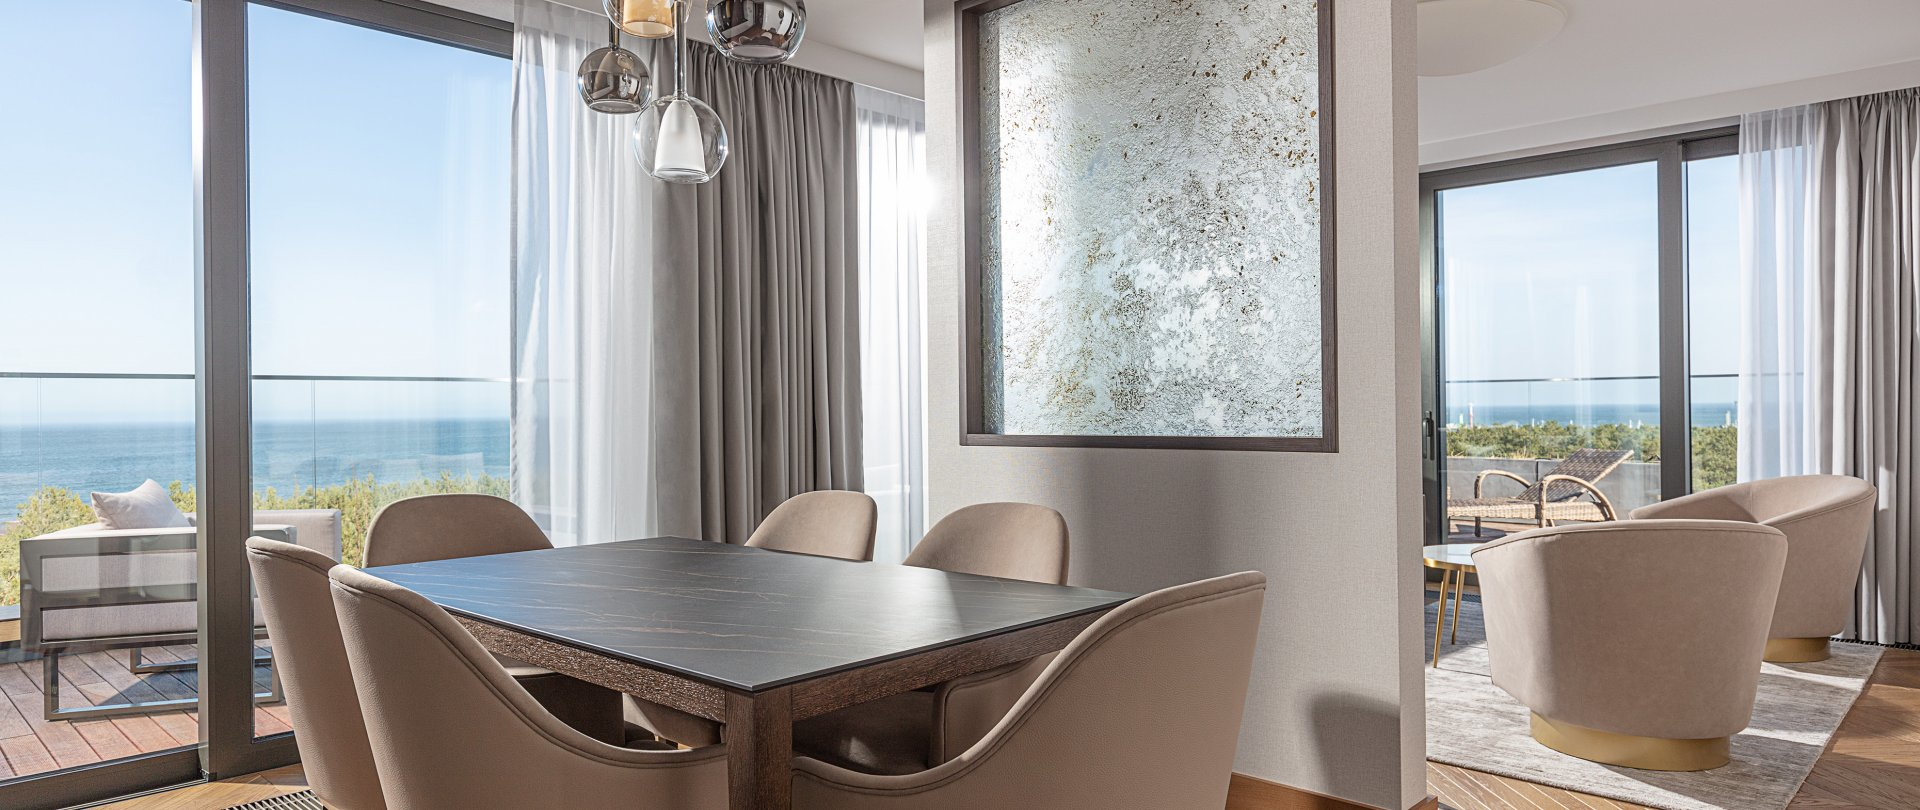 Apartament 410 Rostock